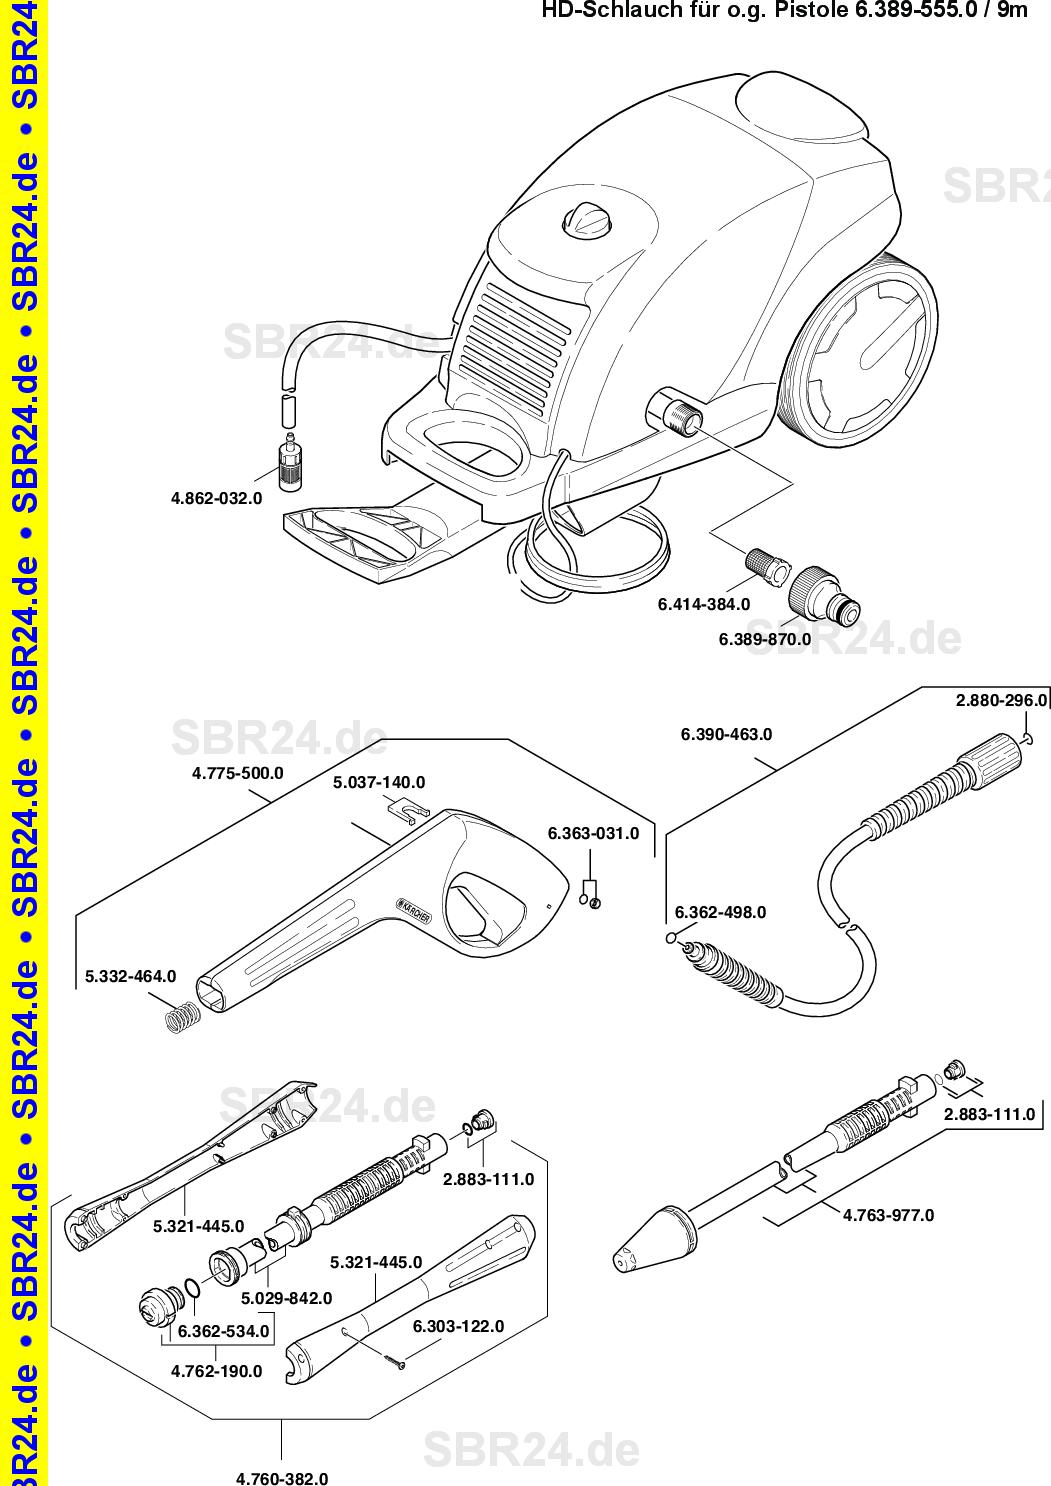 Kärcher Ersatzteile K 520m Eu 1069 1200